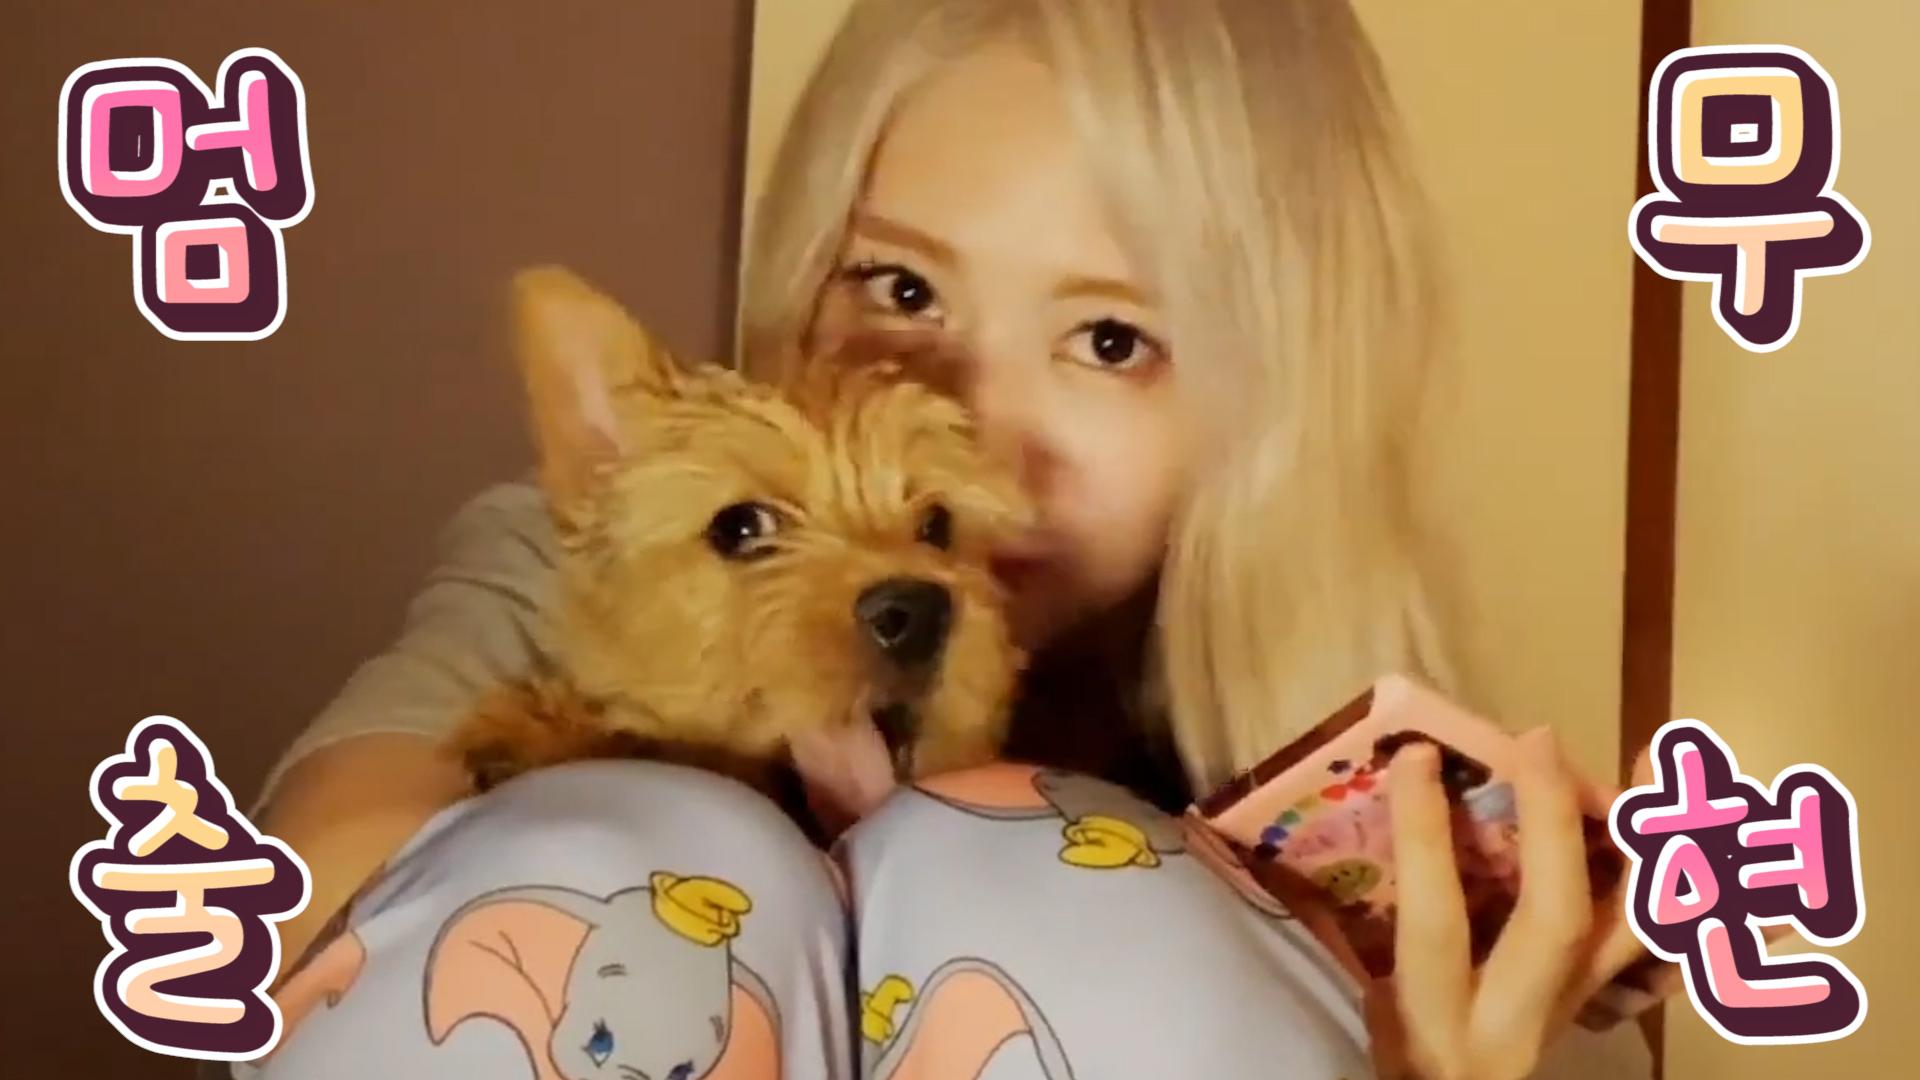 [TWICE] 부로 개명하실 분들 빨리 줄 서세요 줄!!🚶♀️🚶♂️🚶♀️🚶♂️🚶♀️… (MOMO's V with her dog)